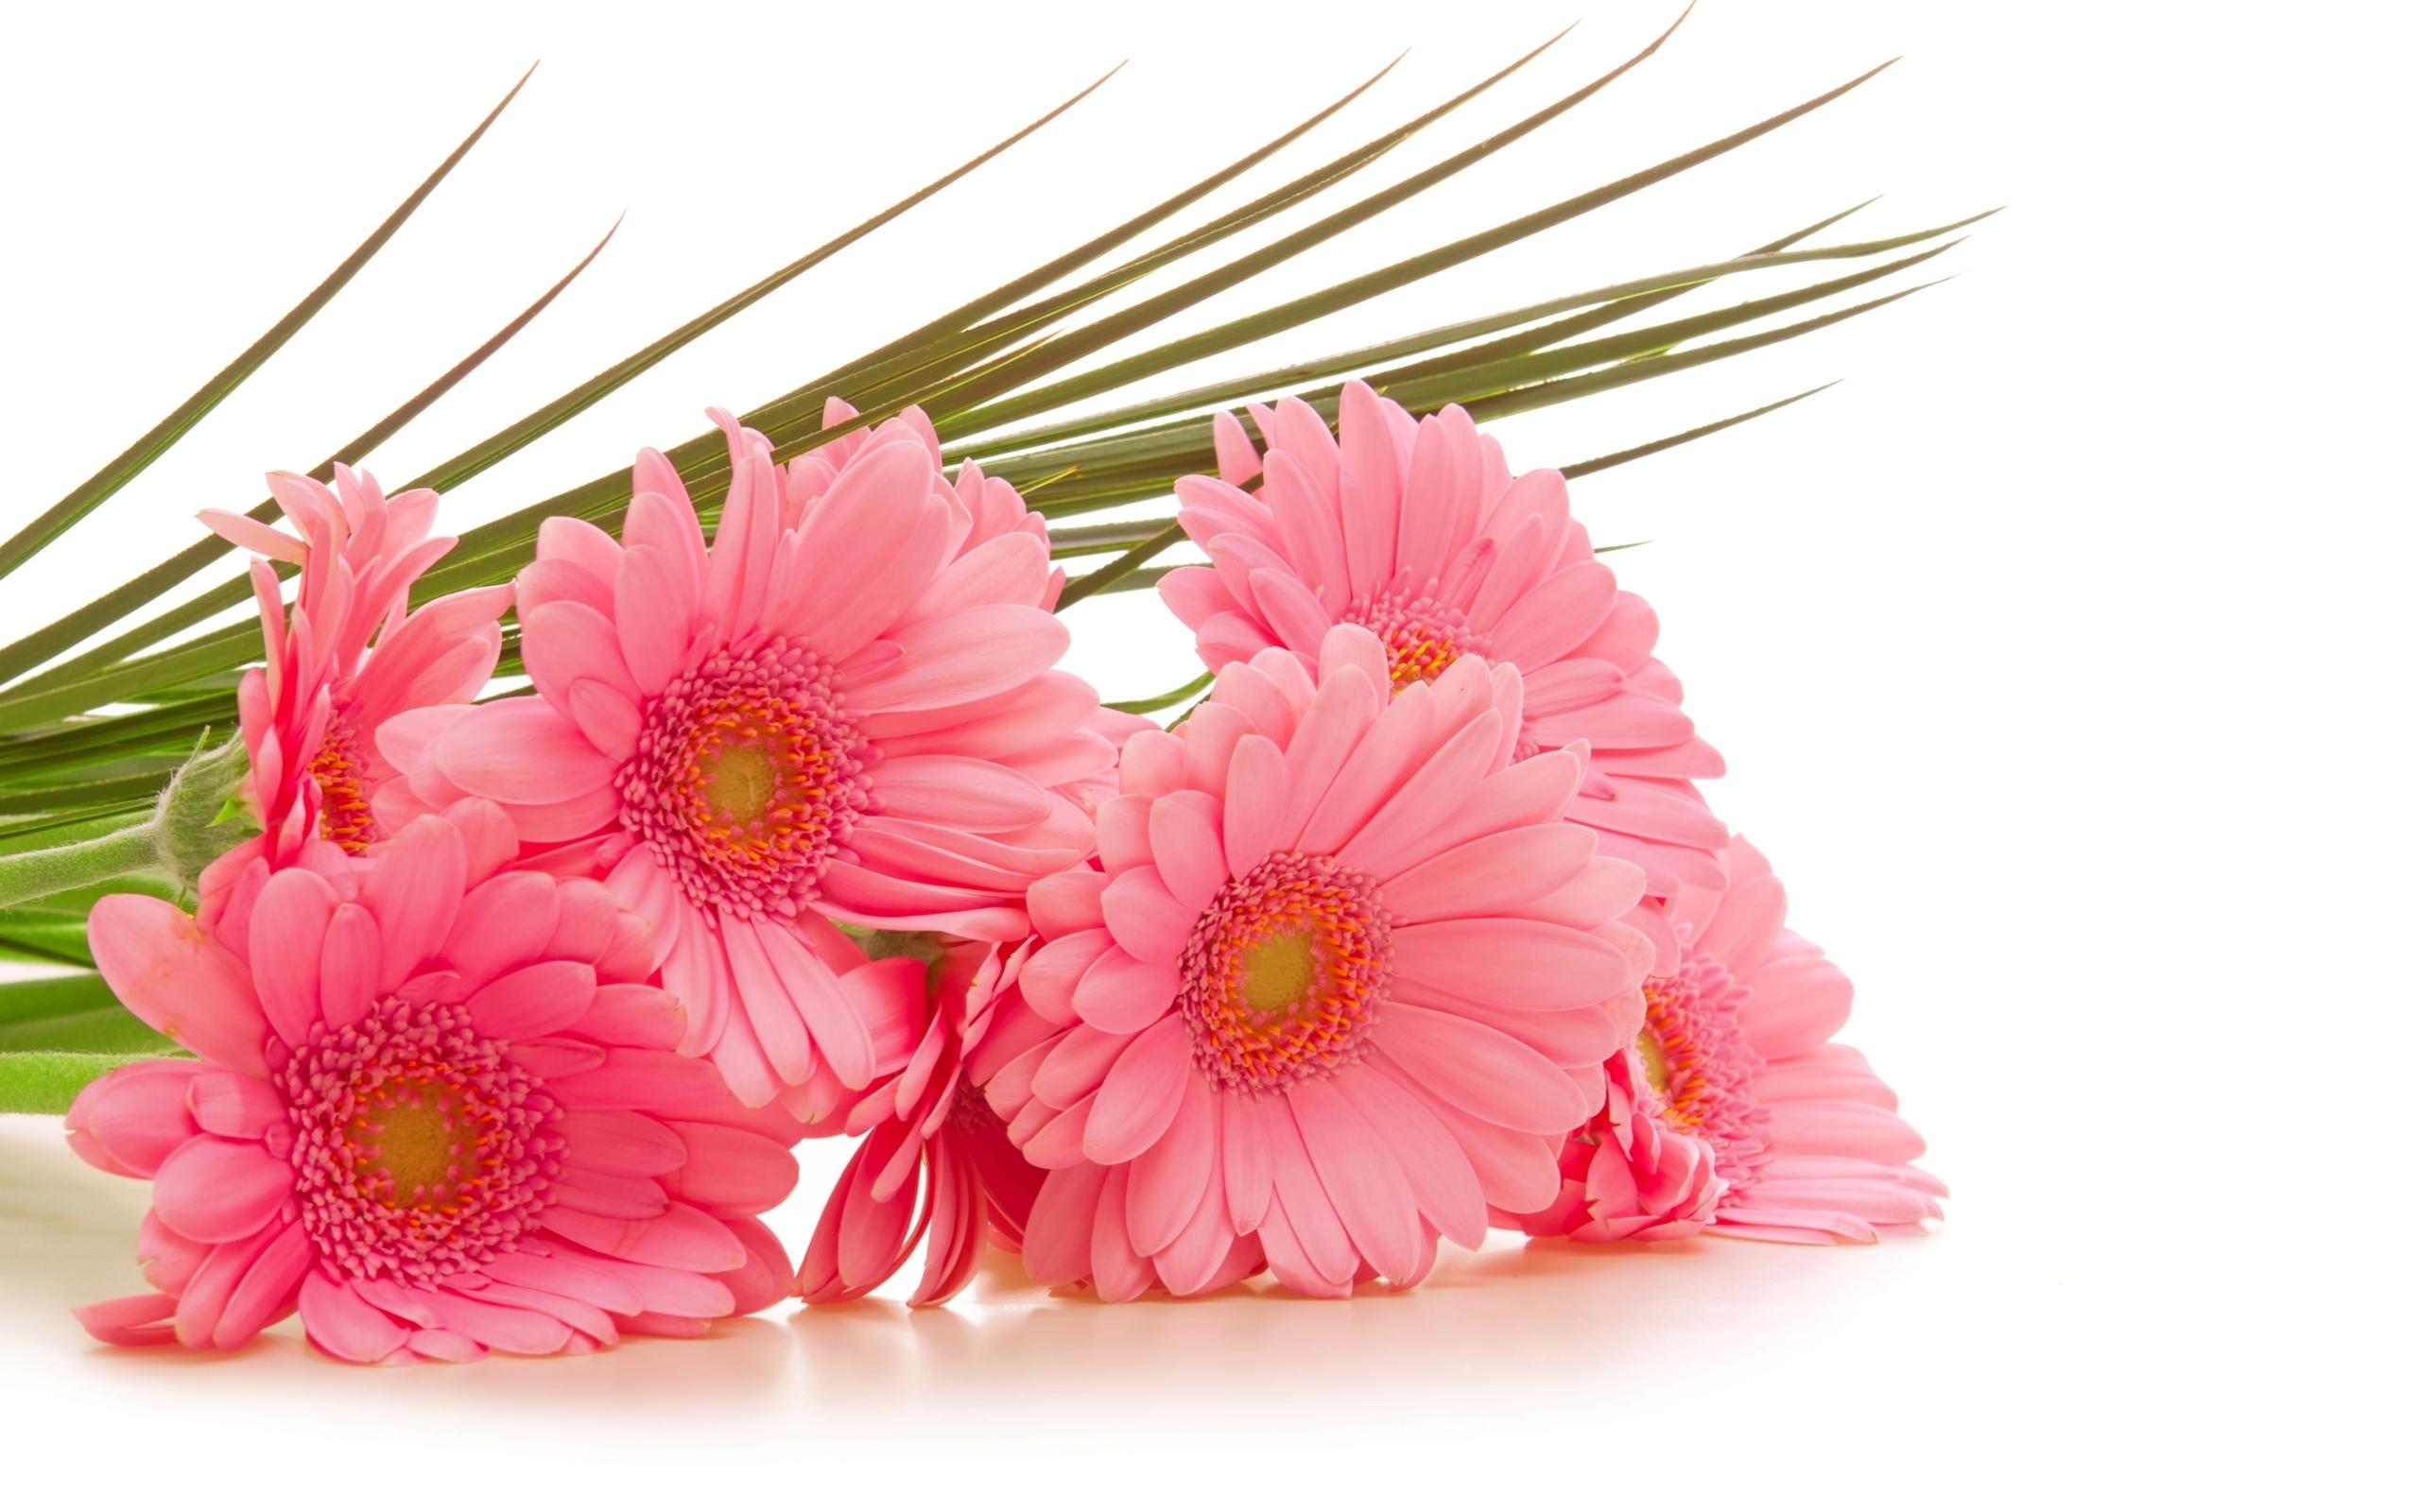 28695 скачать обои Растения, Цветы, Букеты - заставки и картинки бесплатно